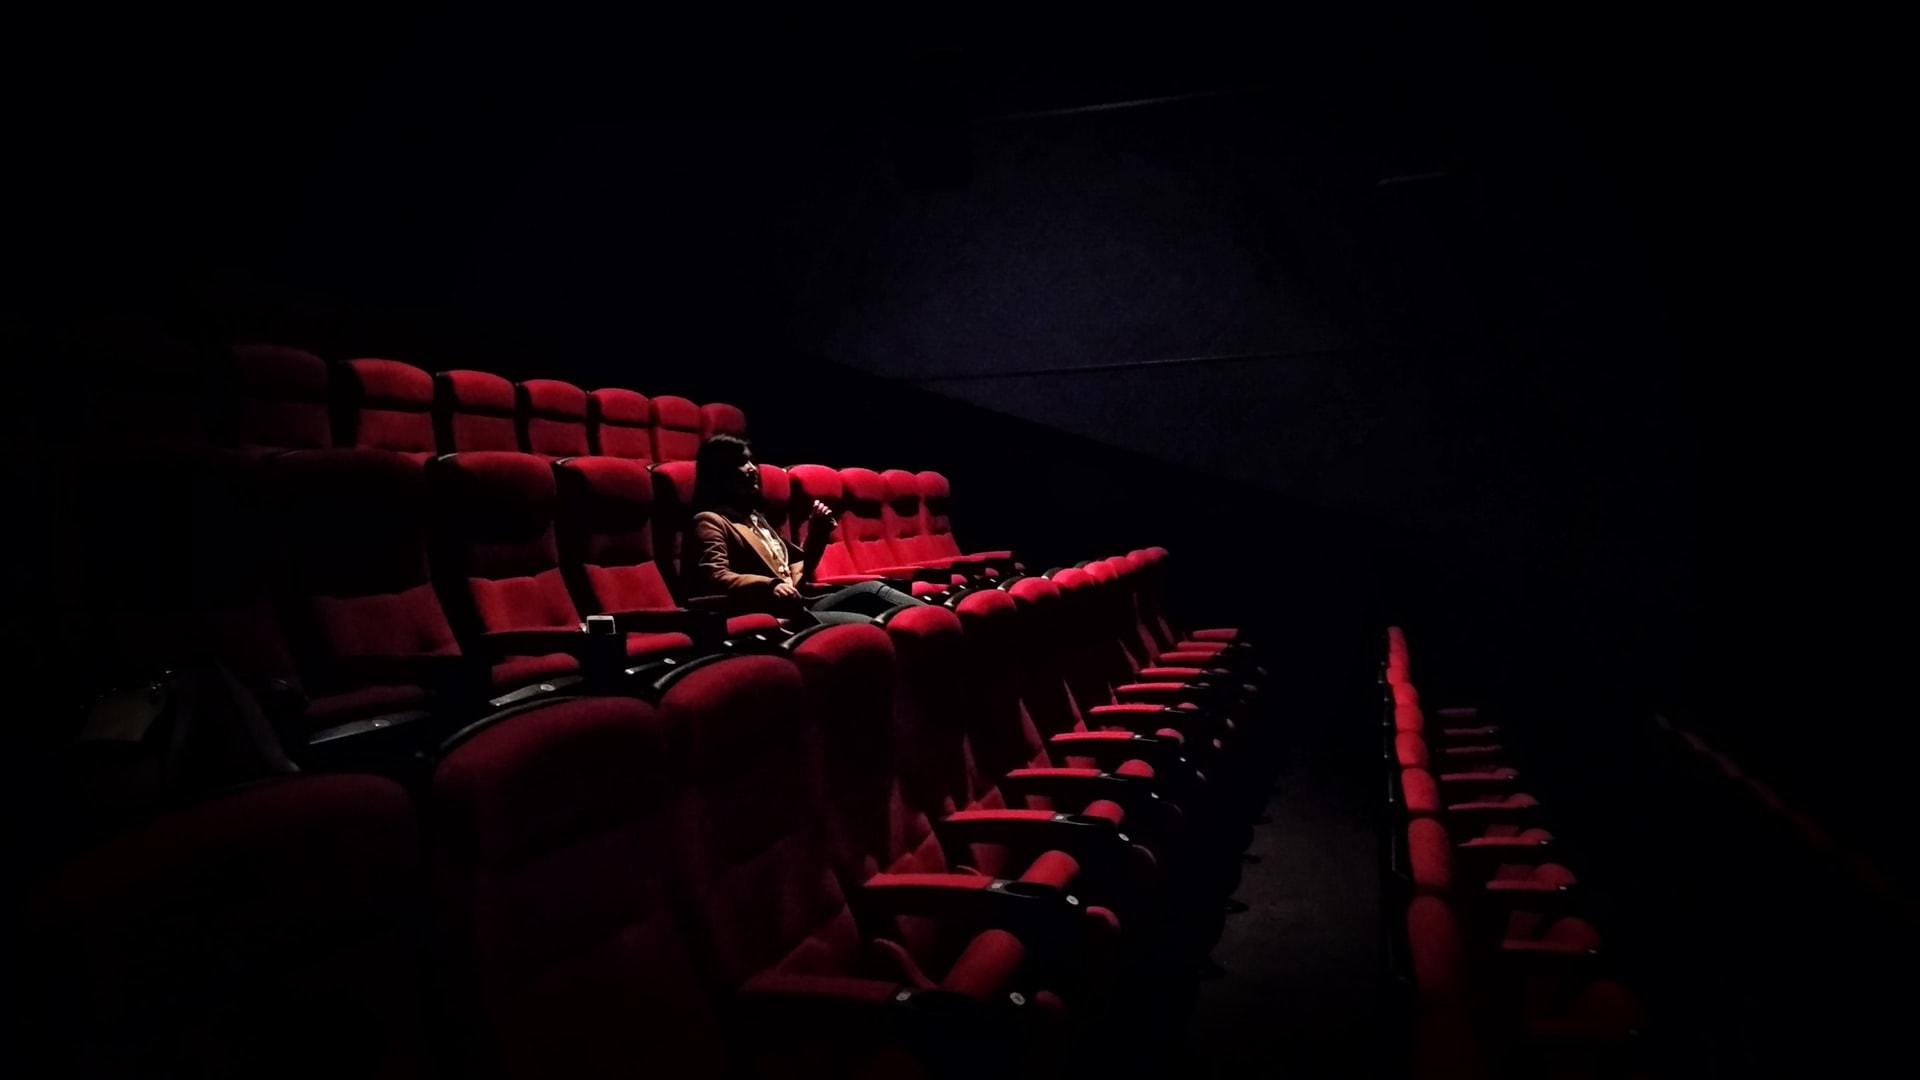 忘了紅毯吧!擔任影展評審是什麼滋味?